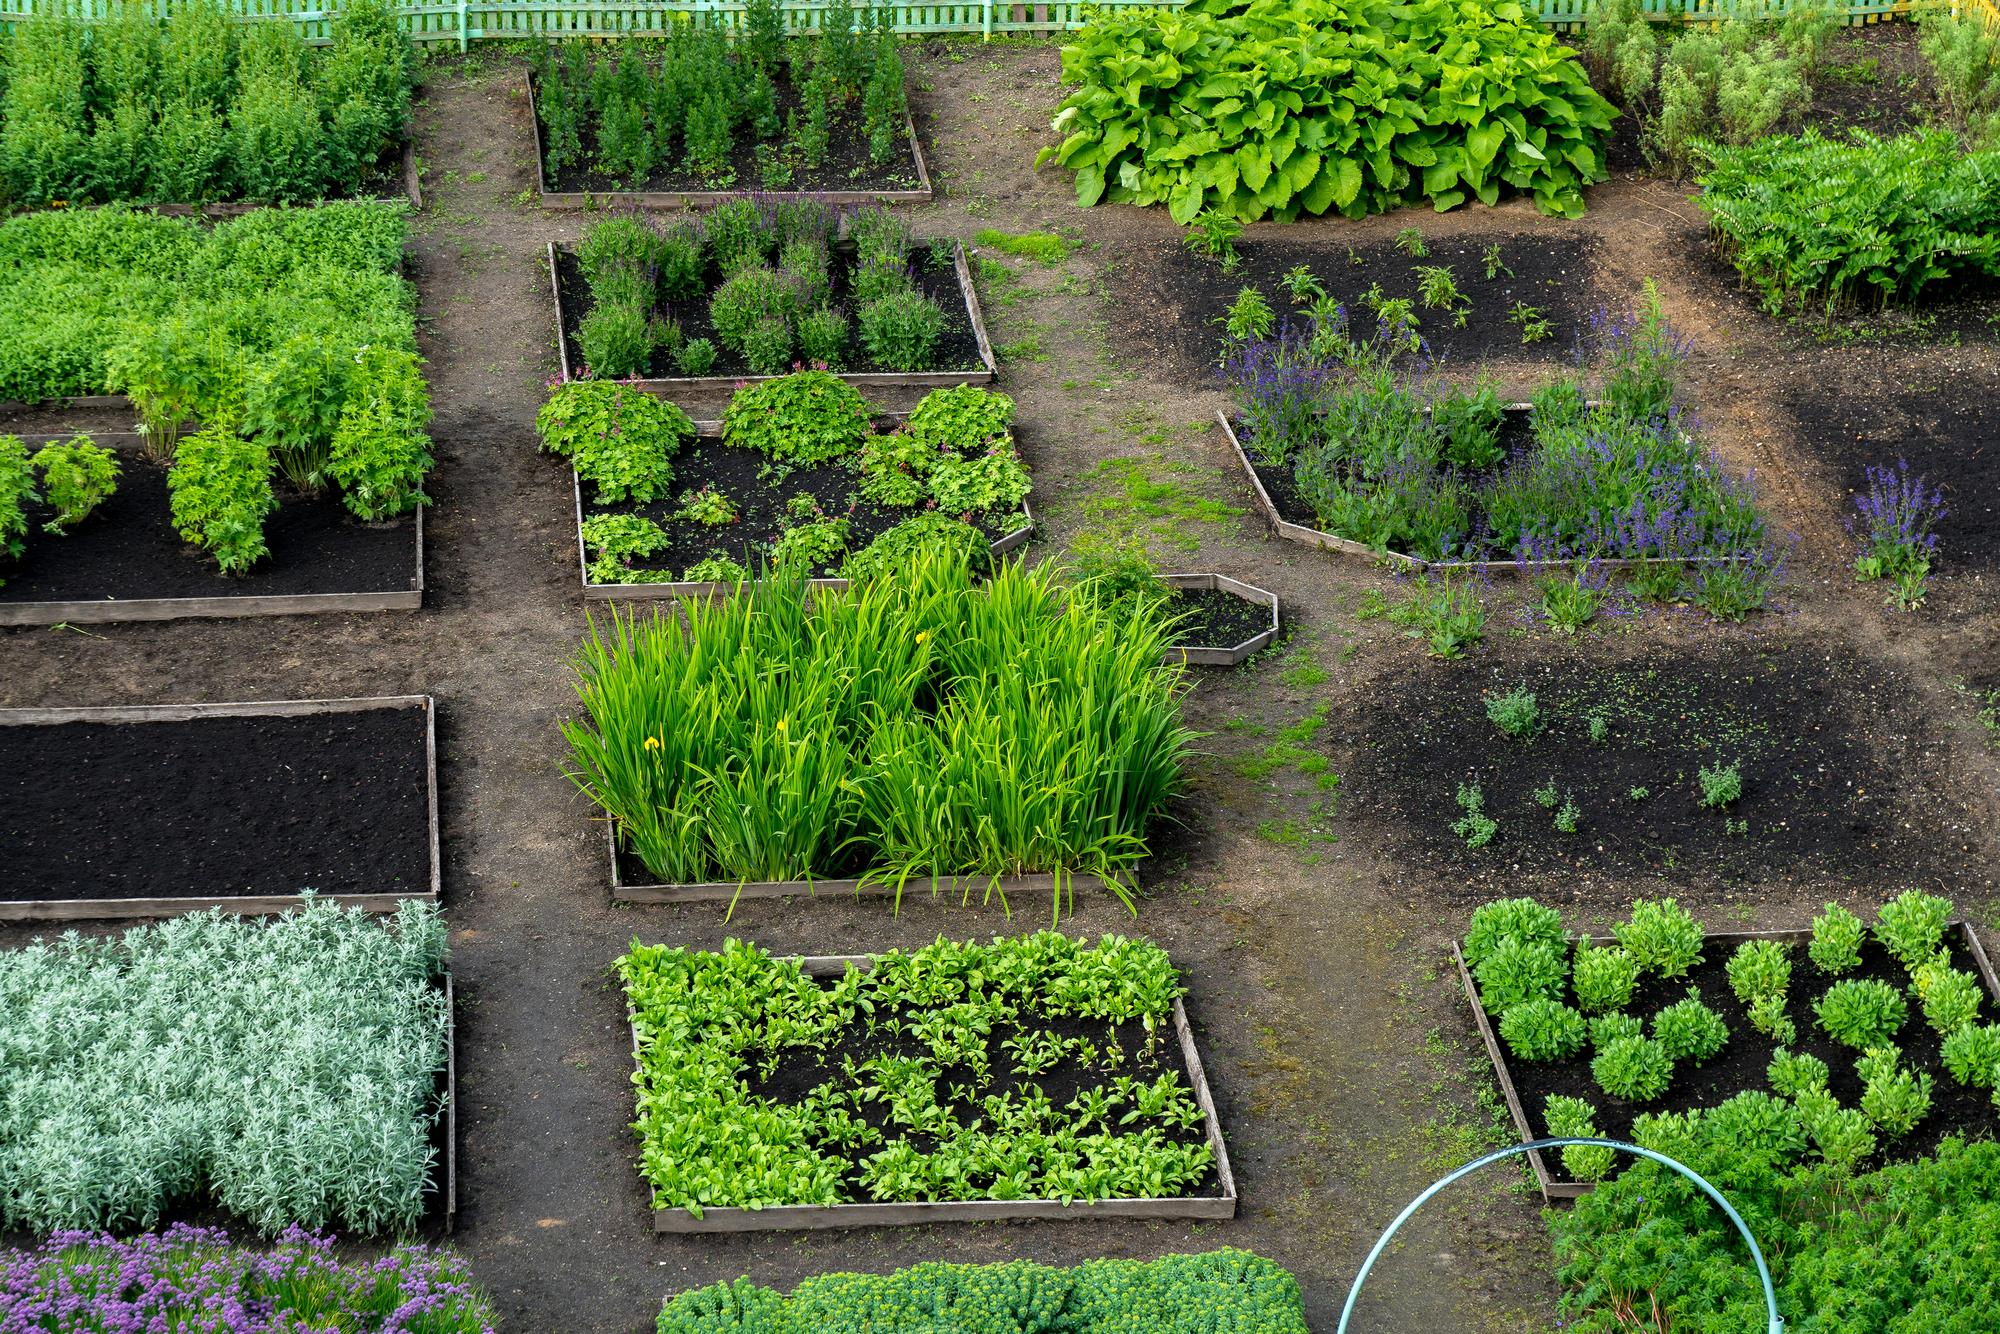 ГарденБокс - спец. тара для садоводства